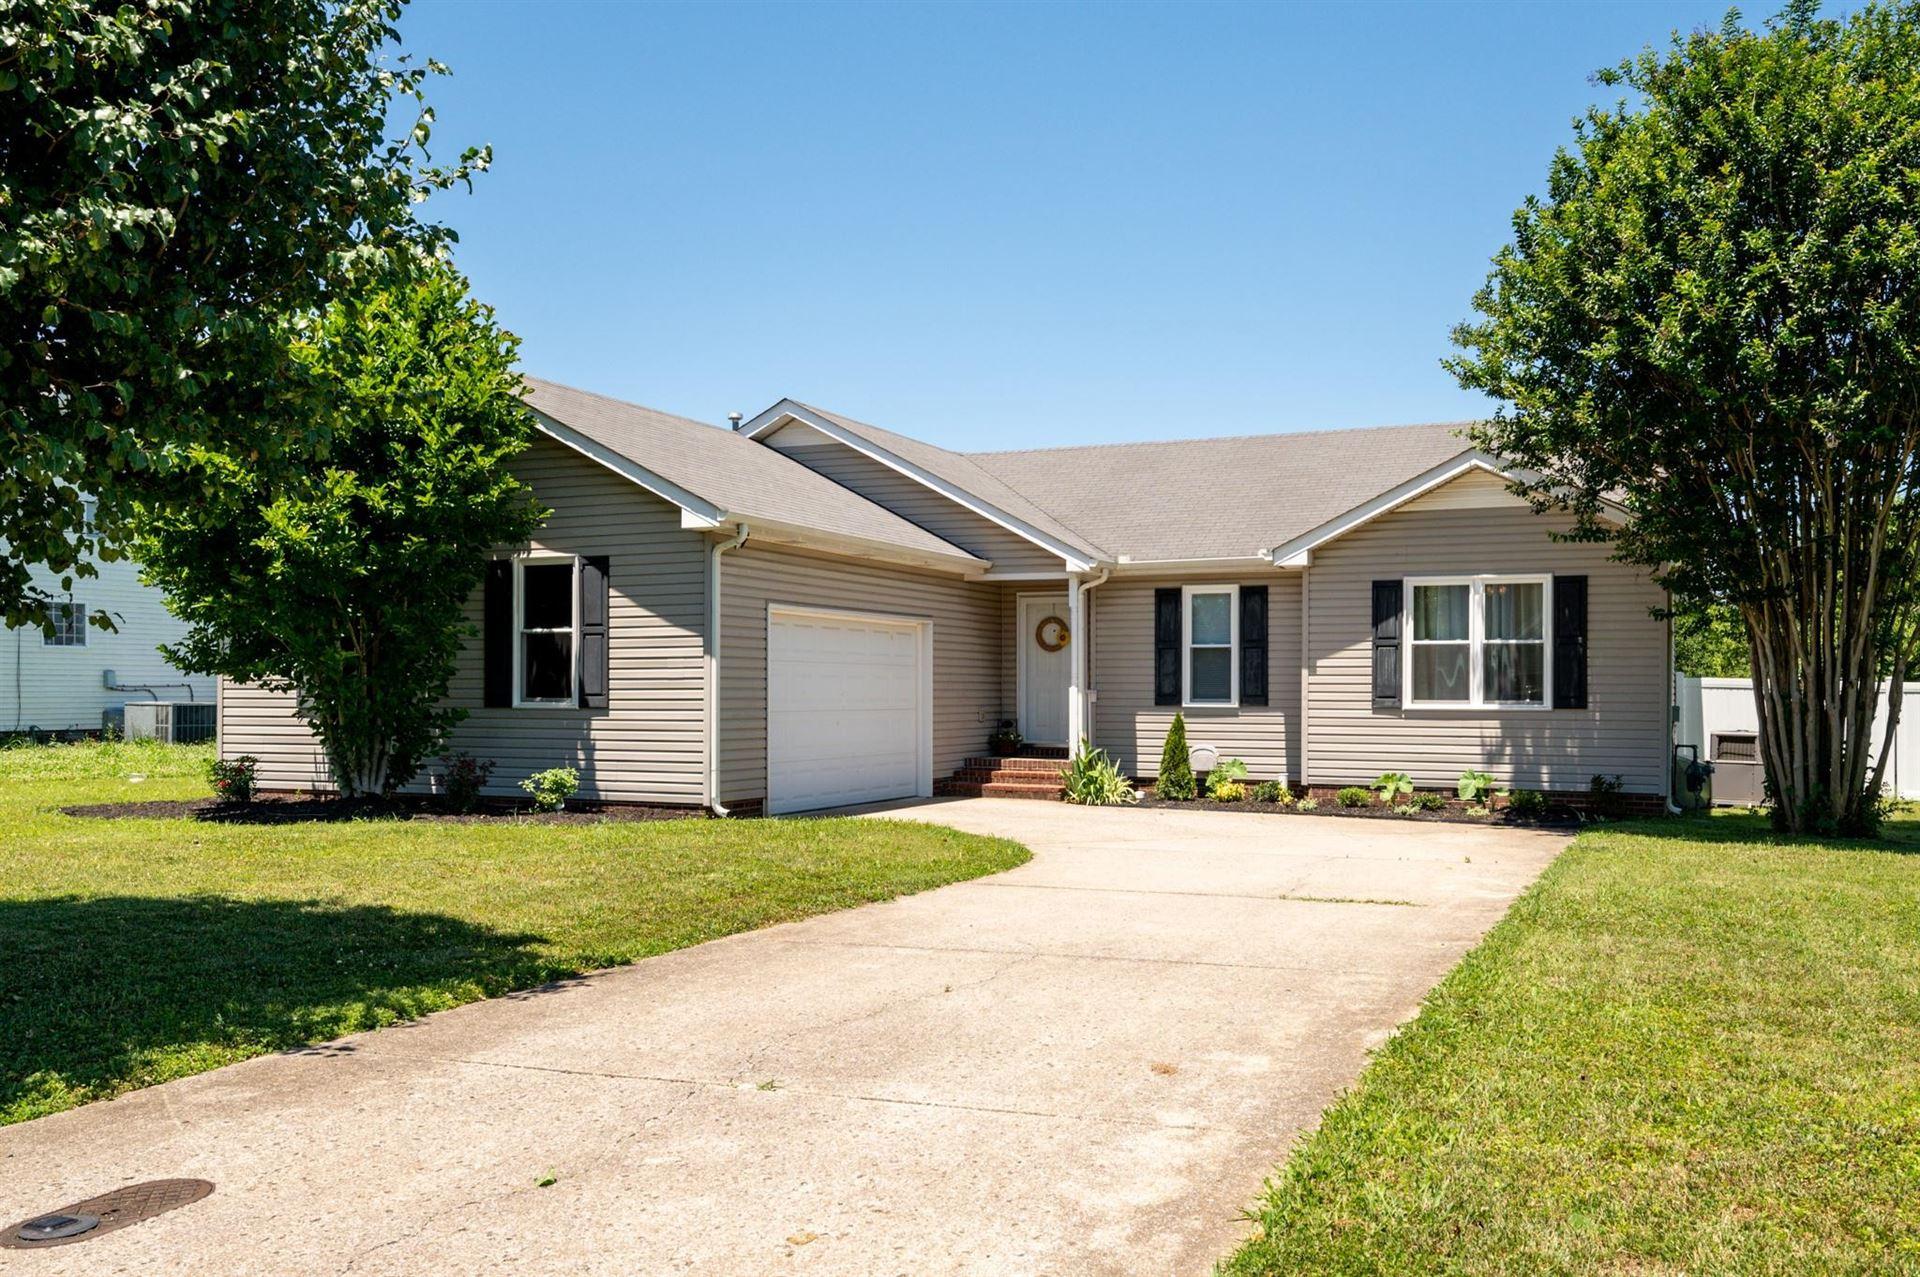 1218 Cason Trl, Murfreesboro, TN 37128 - MLS#: 2263708